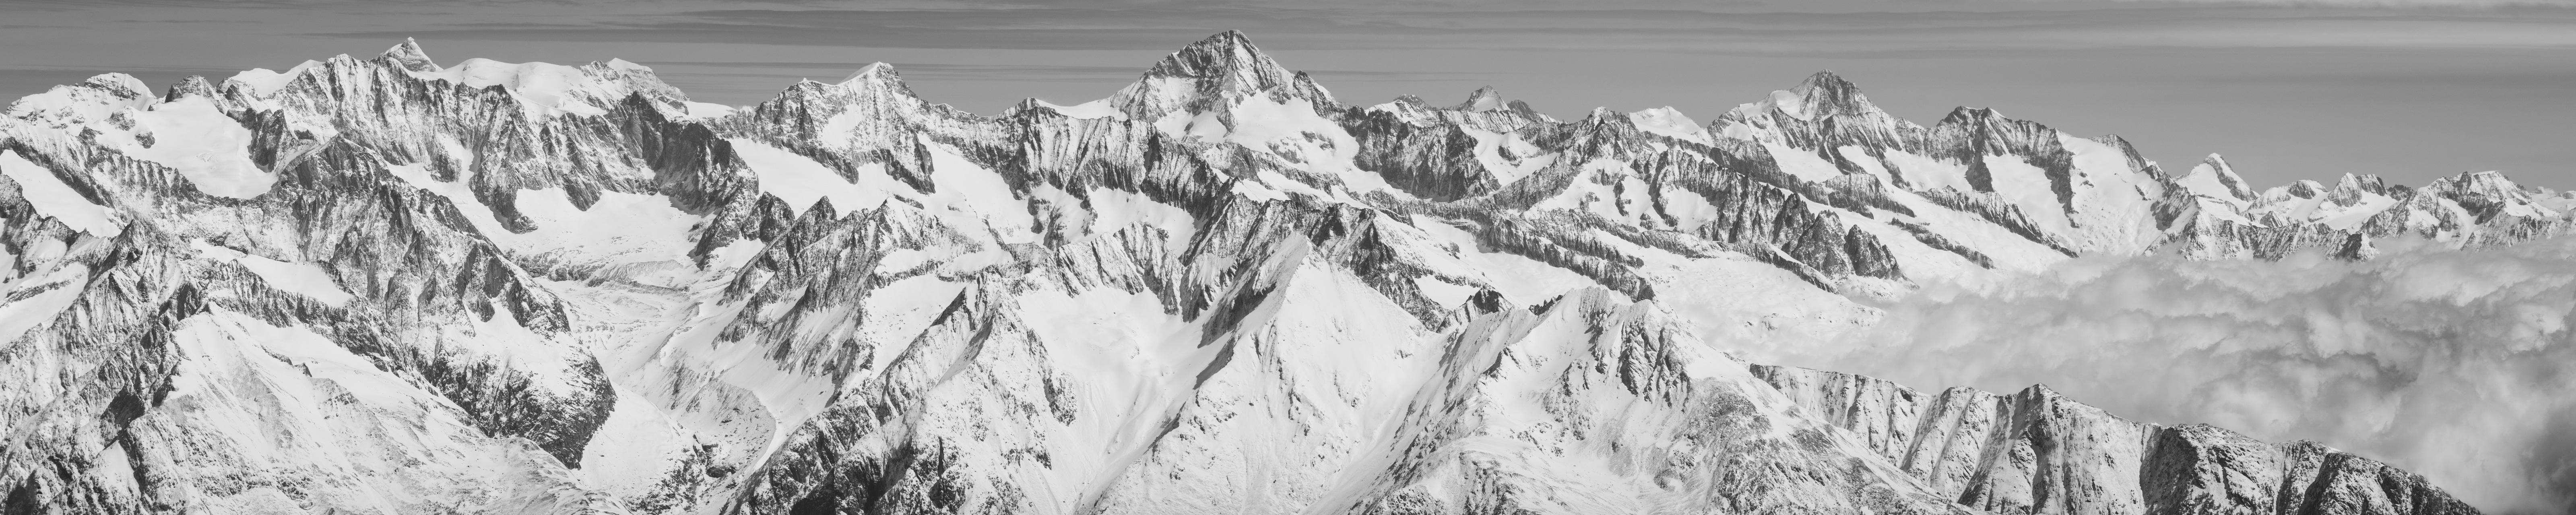 Alpes Bernoises panorama - Tableau photo noir et blanc de montagne dans la brune et une mer de nuages